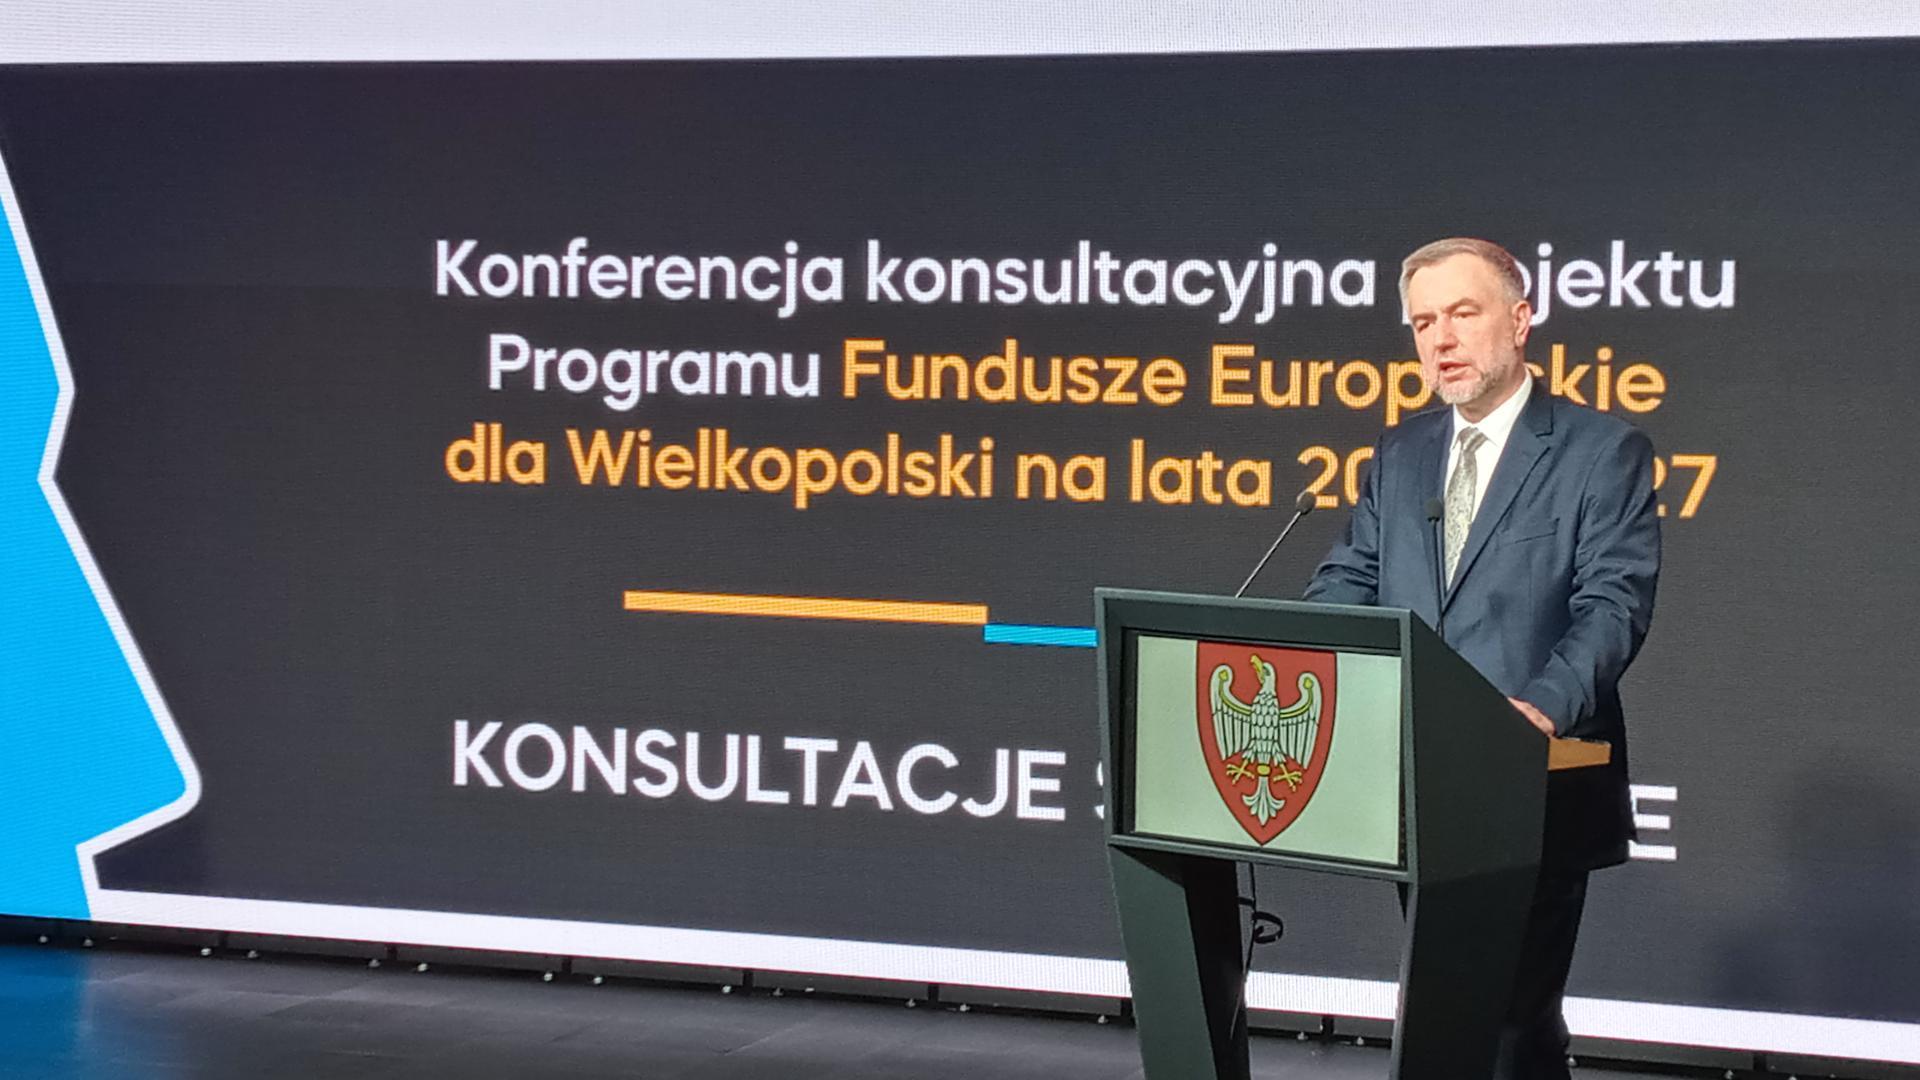 Rozpoczęły się konsultacje nowego programu unijnego dla Wielkopolski - zobacz więcej